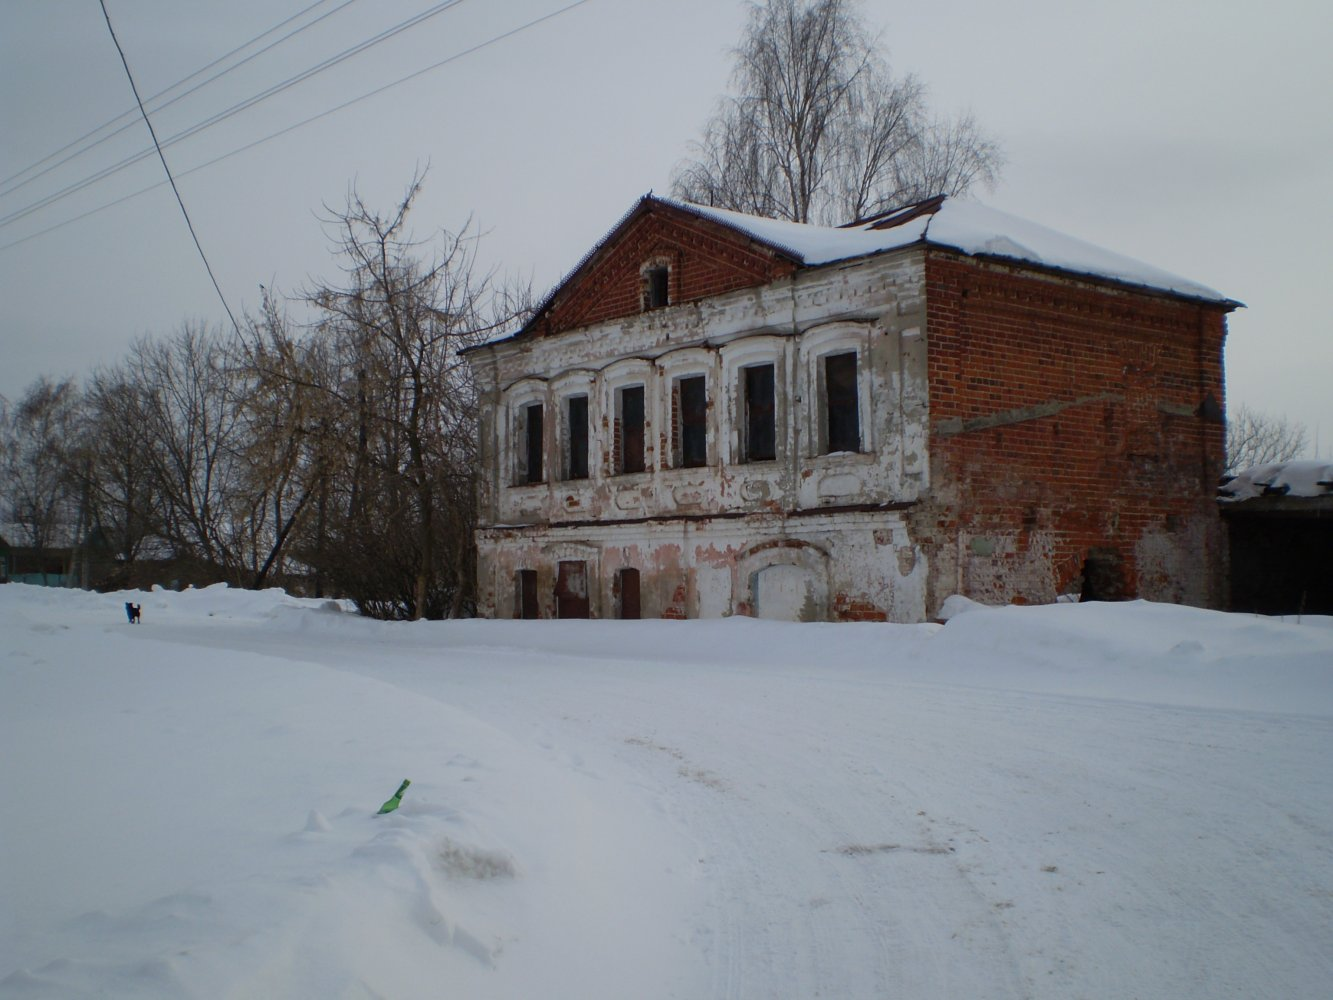 Фото P3200021.JPG. Россия, Нижегородская область, Клин, Unnamed Road